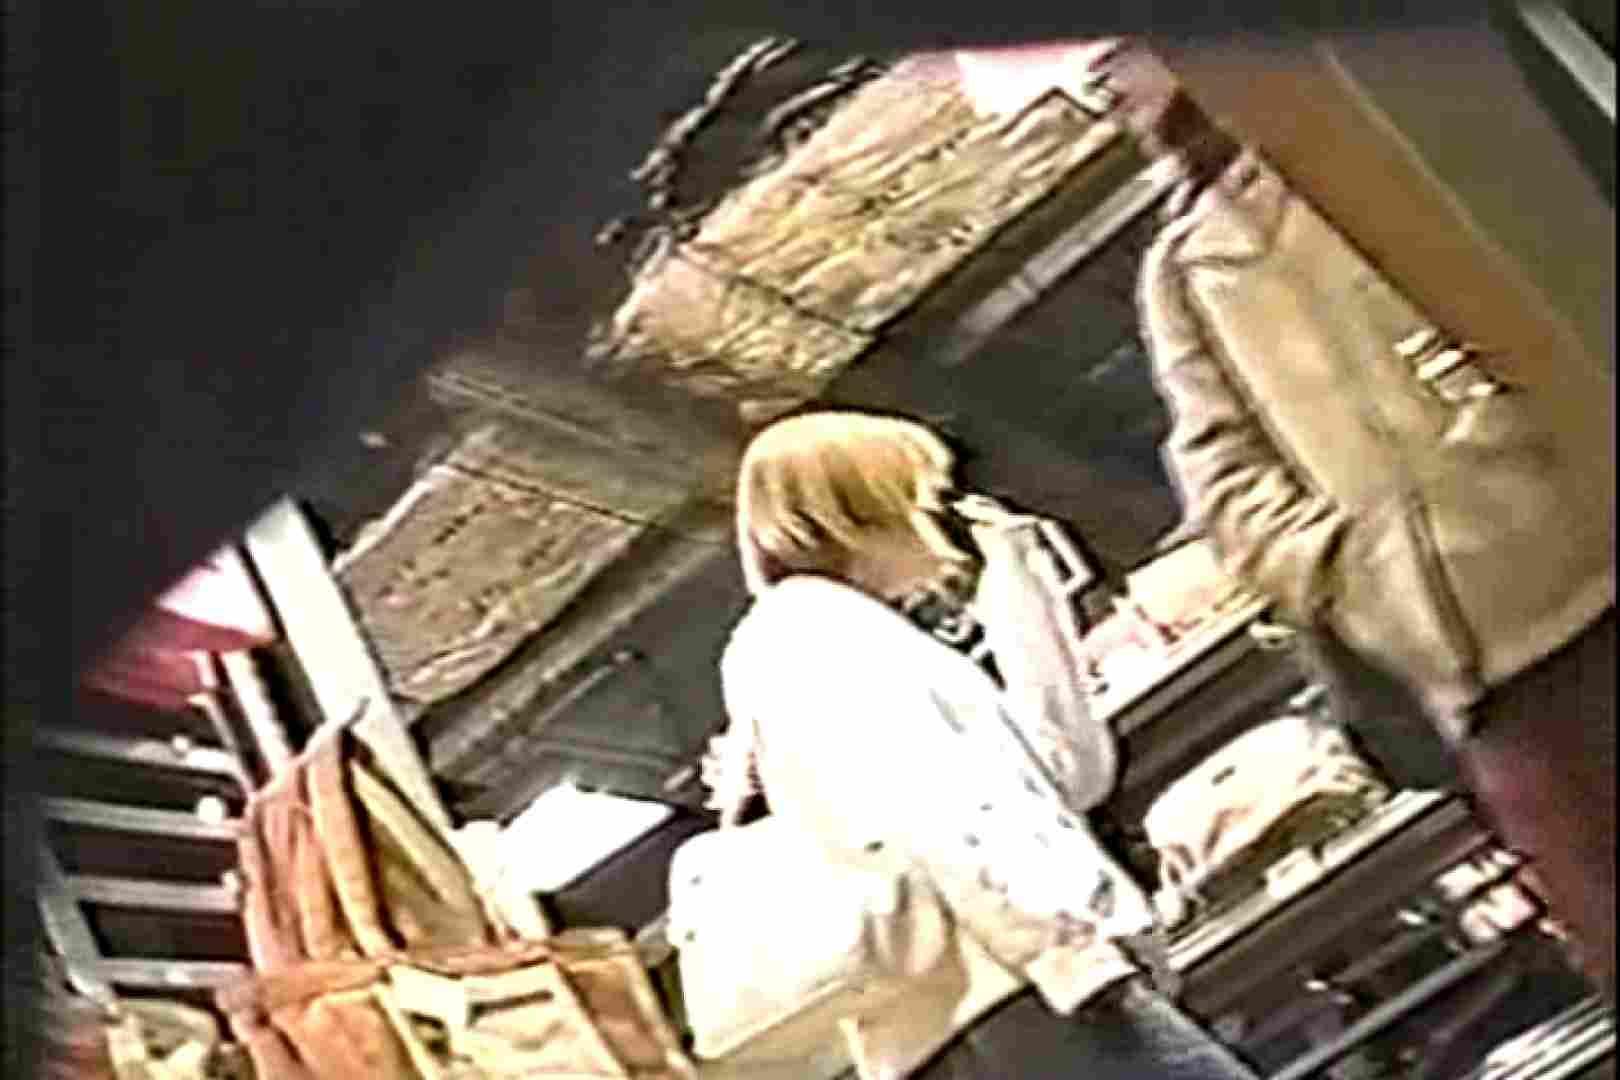 「ちくりん」さんのオリジナル未編集パンチラVol.4_02 チラ   パンチラハメ撮り  28pic 24